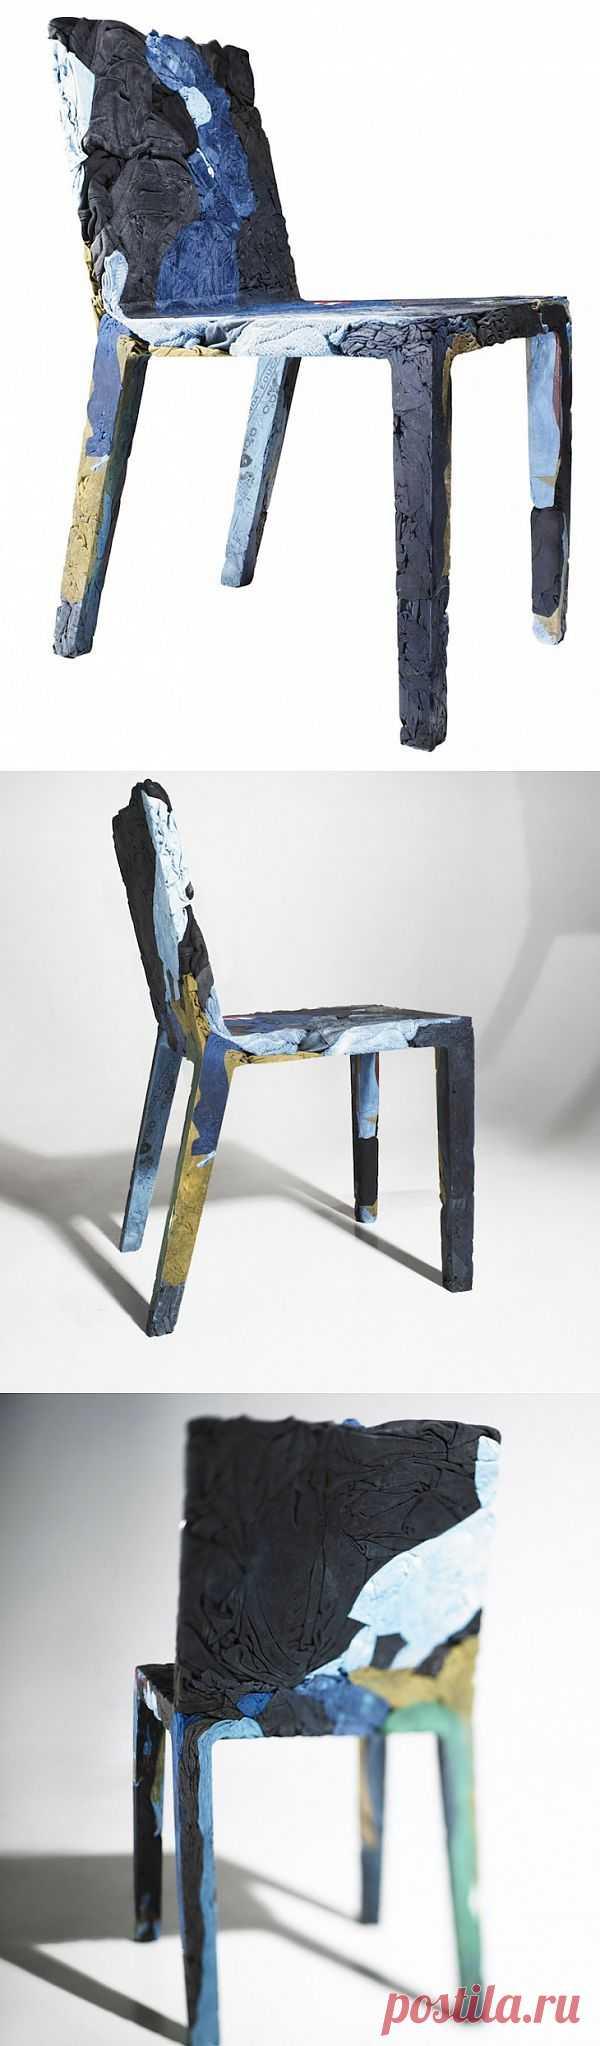 Мебель... из одежды / Переработка одежды / Модный сайт о стильной переделке одежды и интерьера